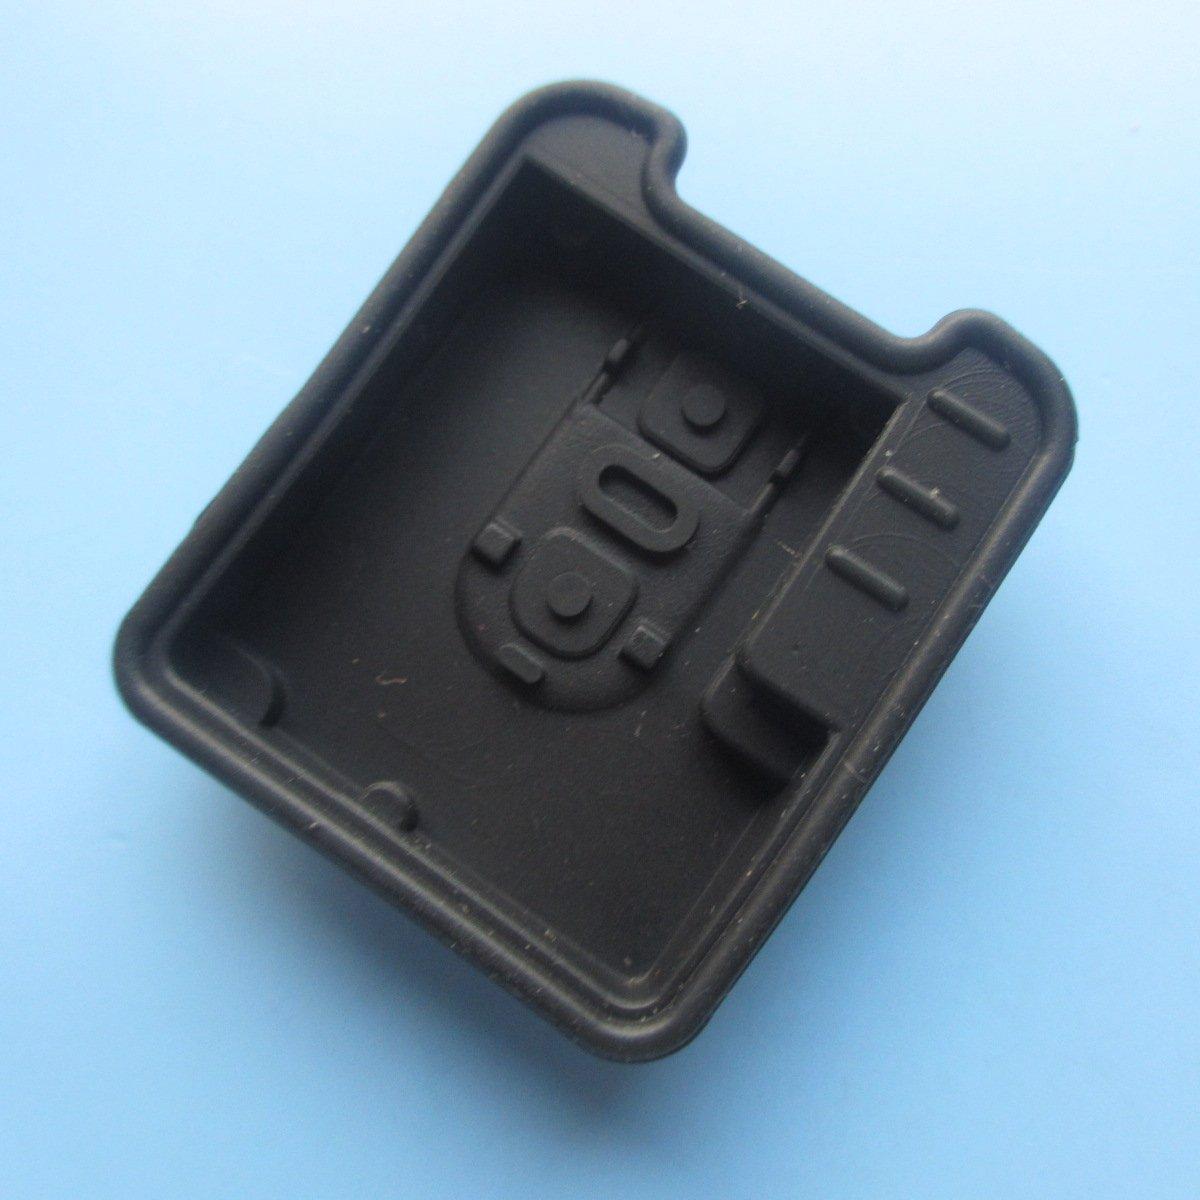 Ersatz Schl/üssel Geh/äuse Button Auto Schl/üssel Klappschl/üssel mit Rohling Fernbedienung Radio Frequenz Schl/üssel Geh/äuse ohne INION/® Elektronik